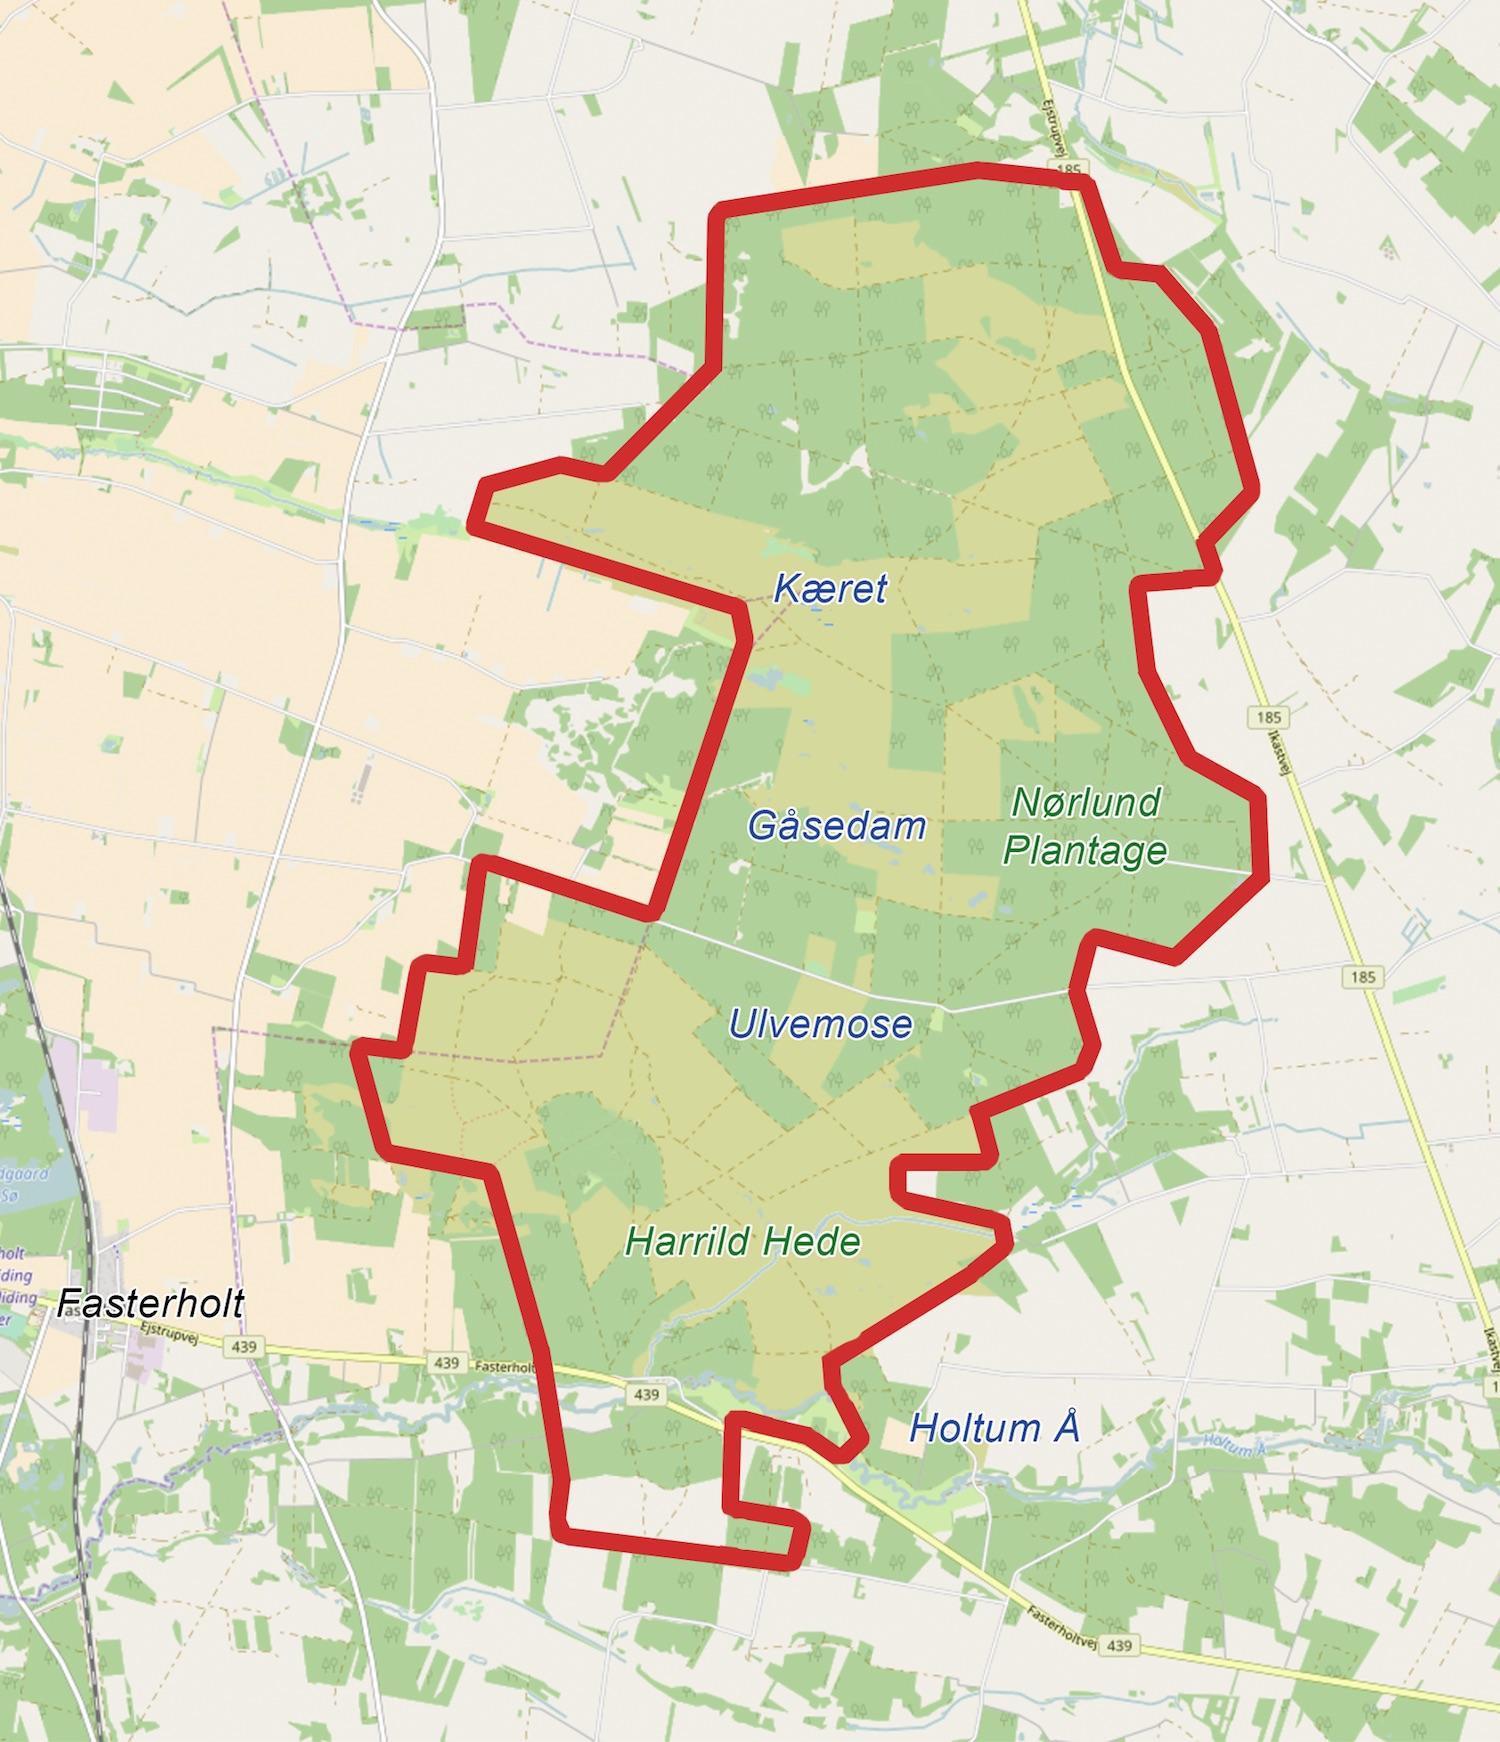 Naturnationalpark Harrild Hede & Nørlund Skov – et 3.000 hektar stort naturreservat (kortet er bl.a. baseret på OpenStreetMap)